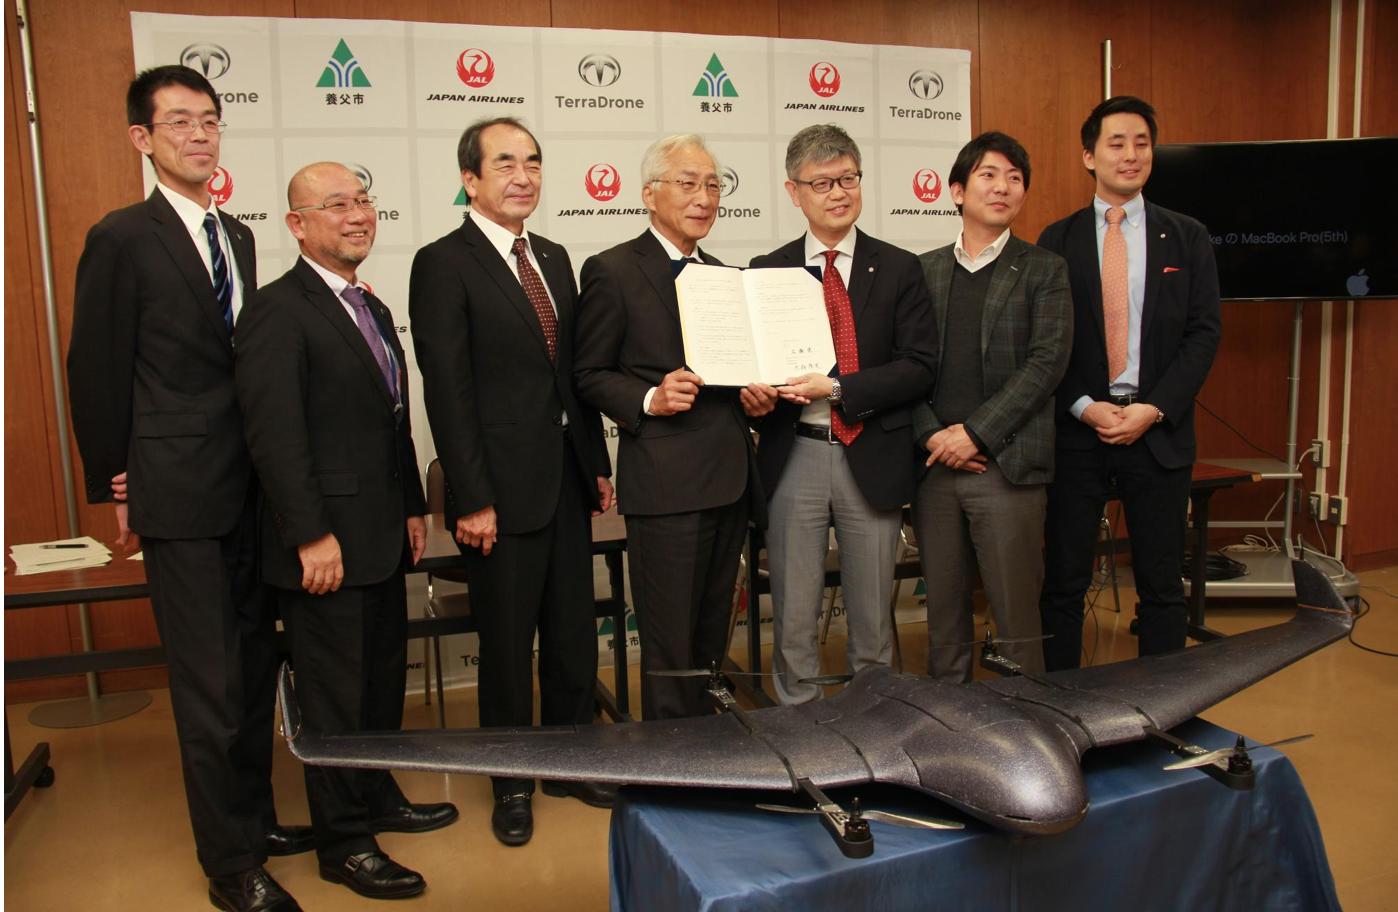 兵庫県養父市防災への取り組みでドローンを使用した災害時緊急対応の検証を日本航空と締結